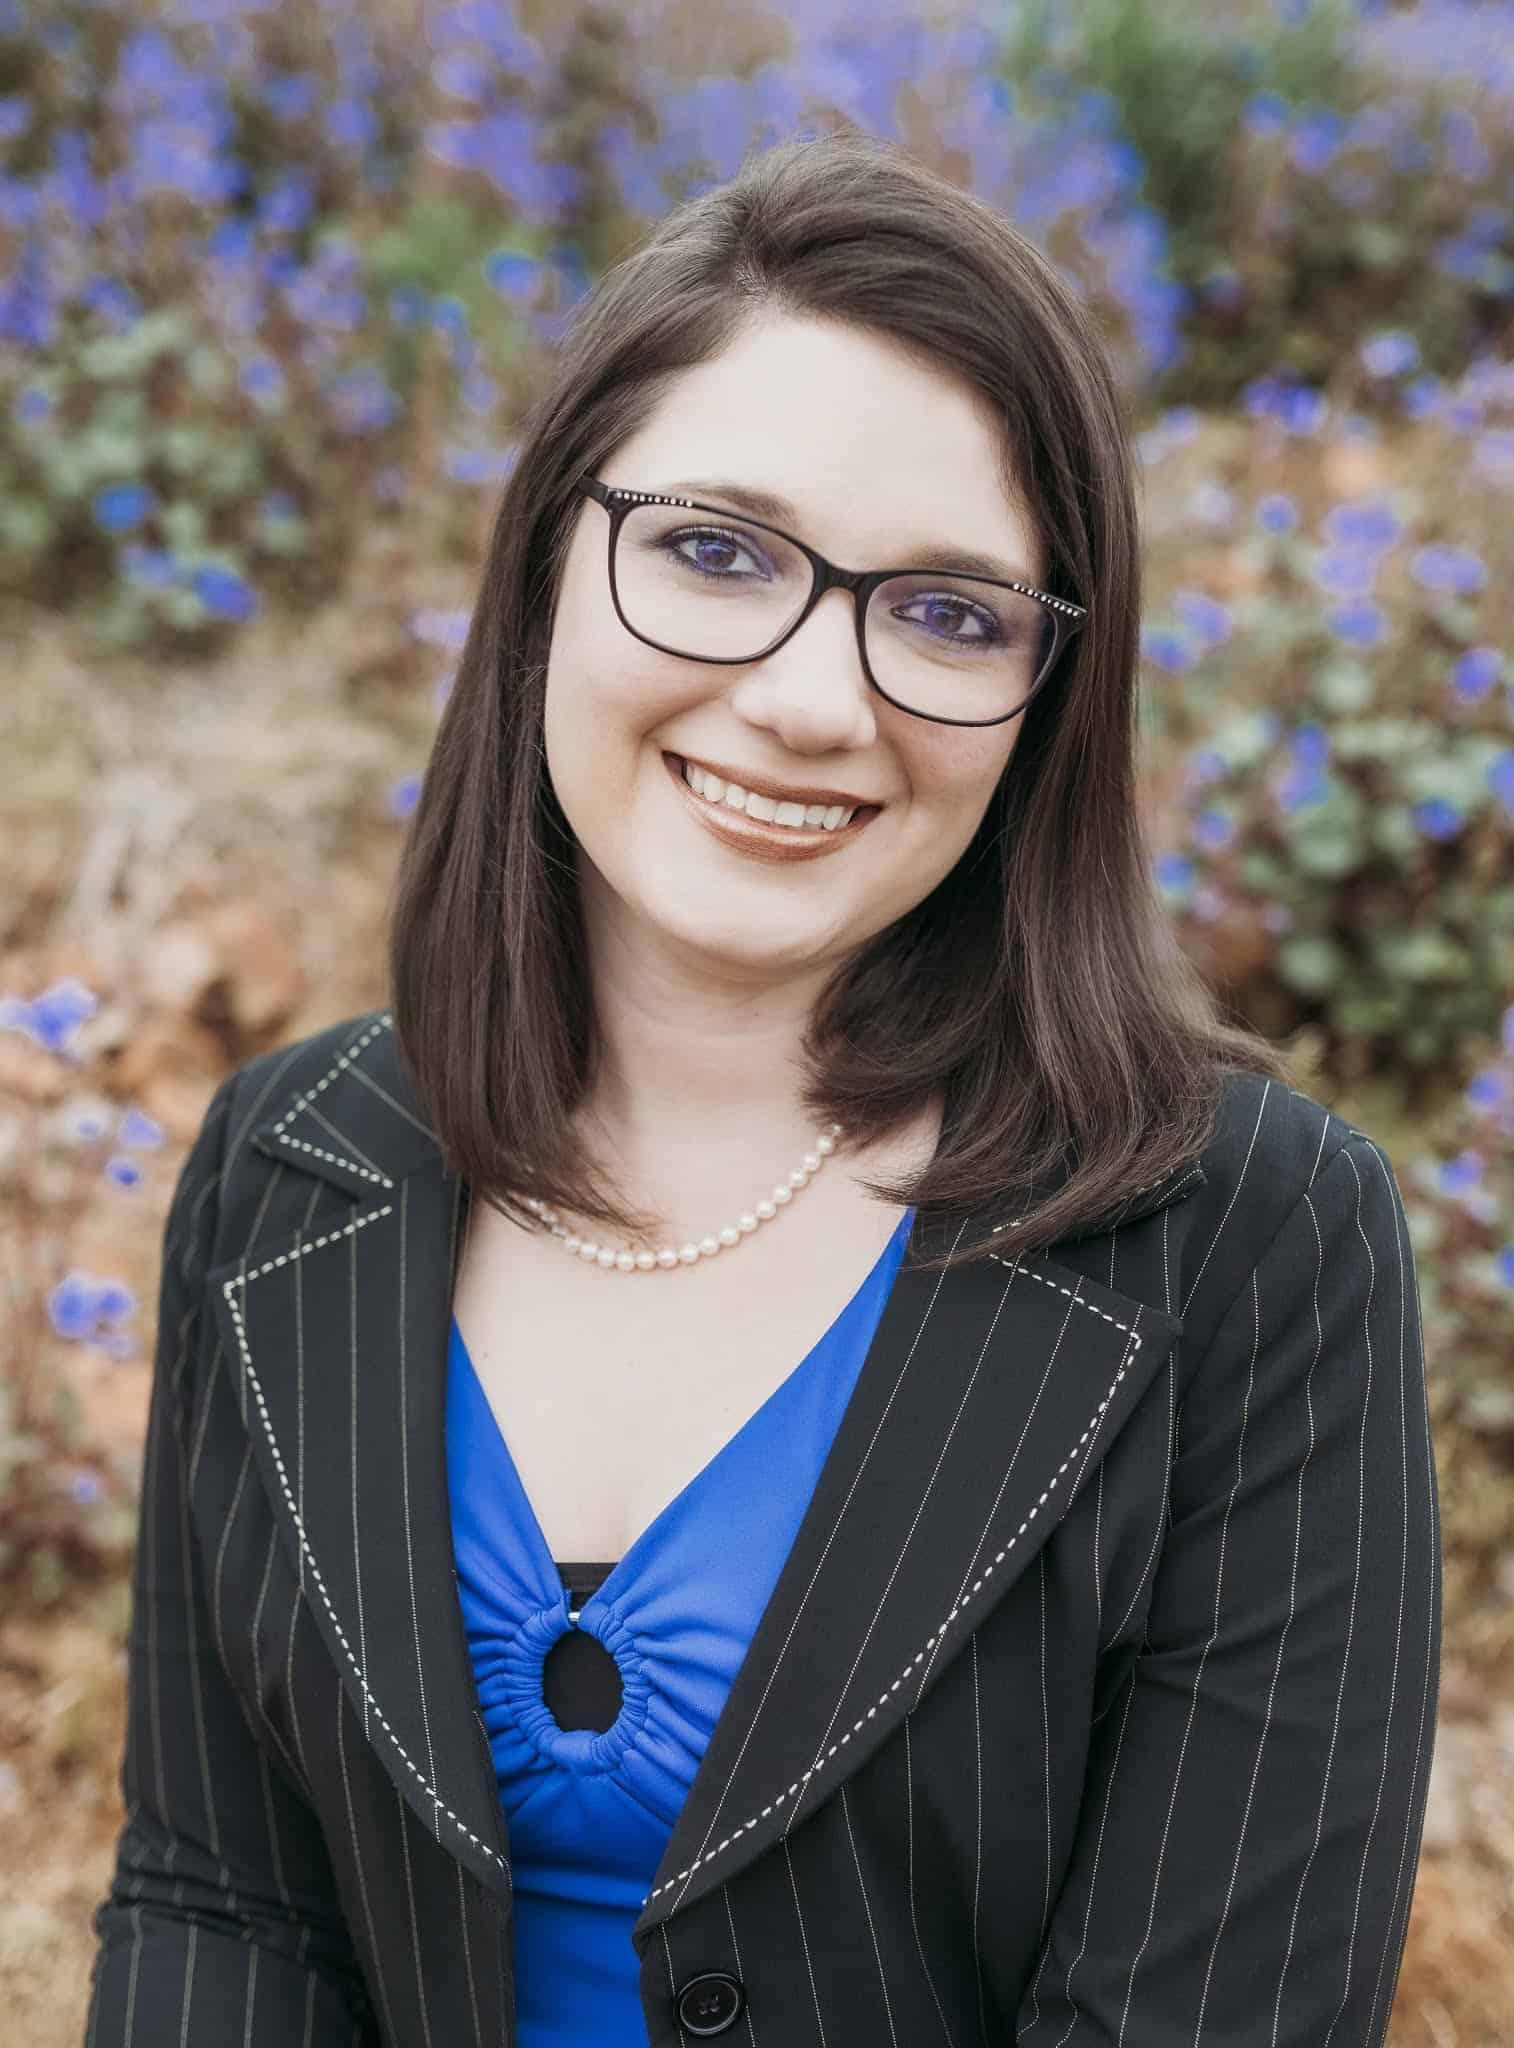 Shyla Collier